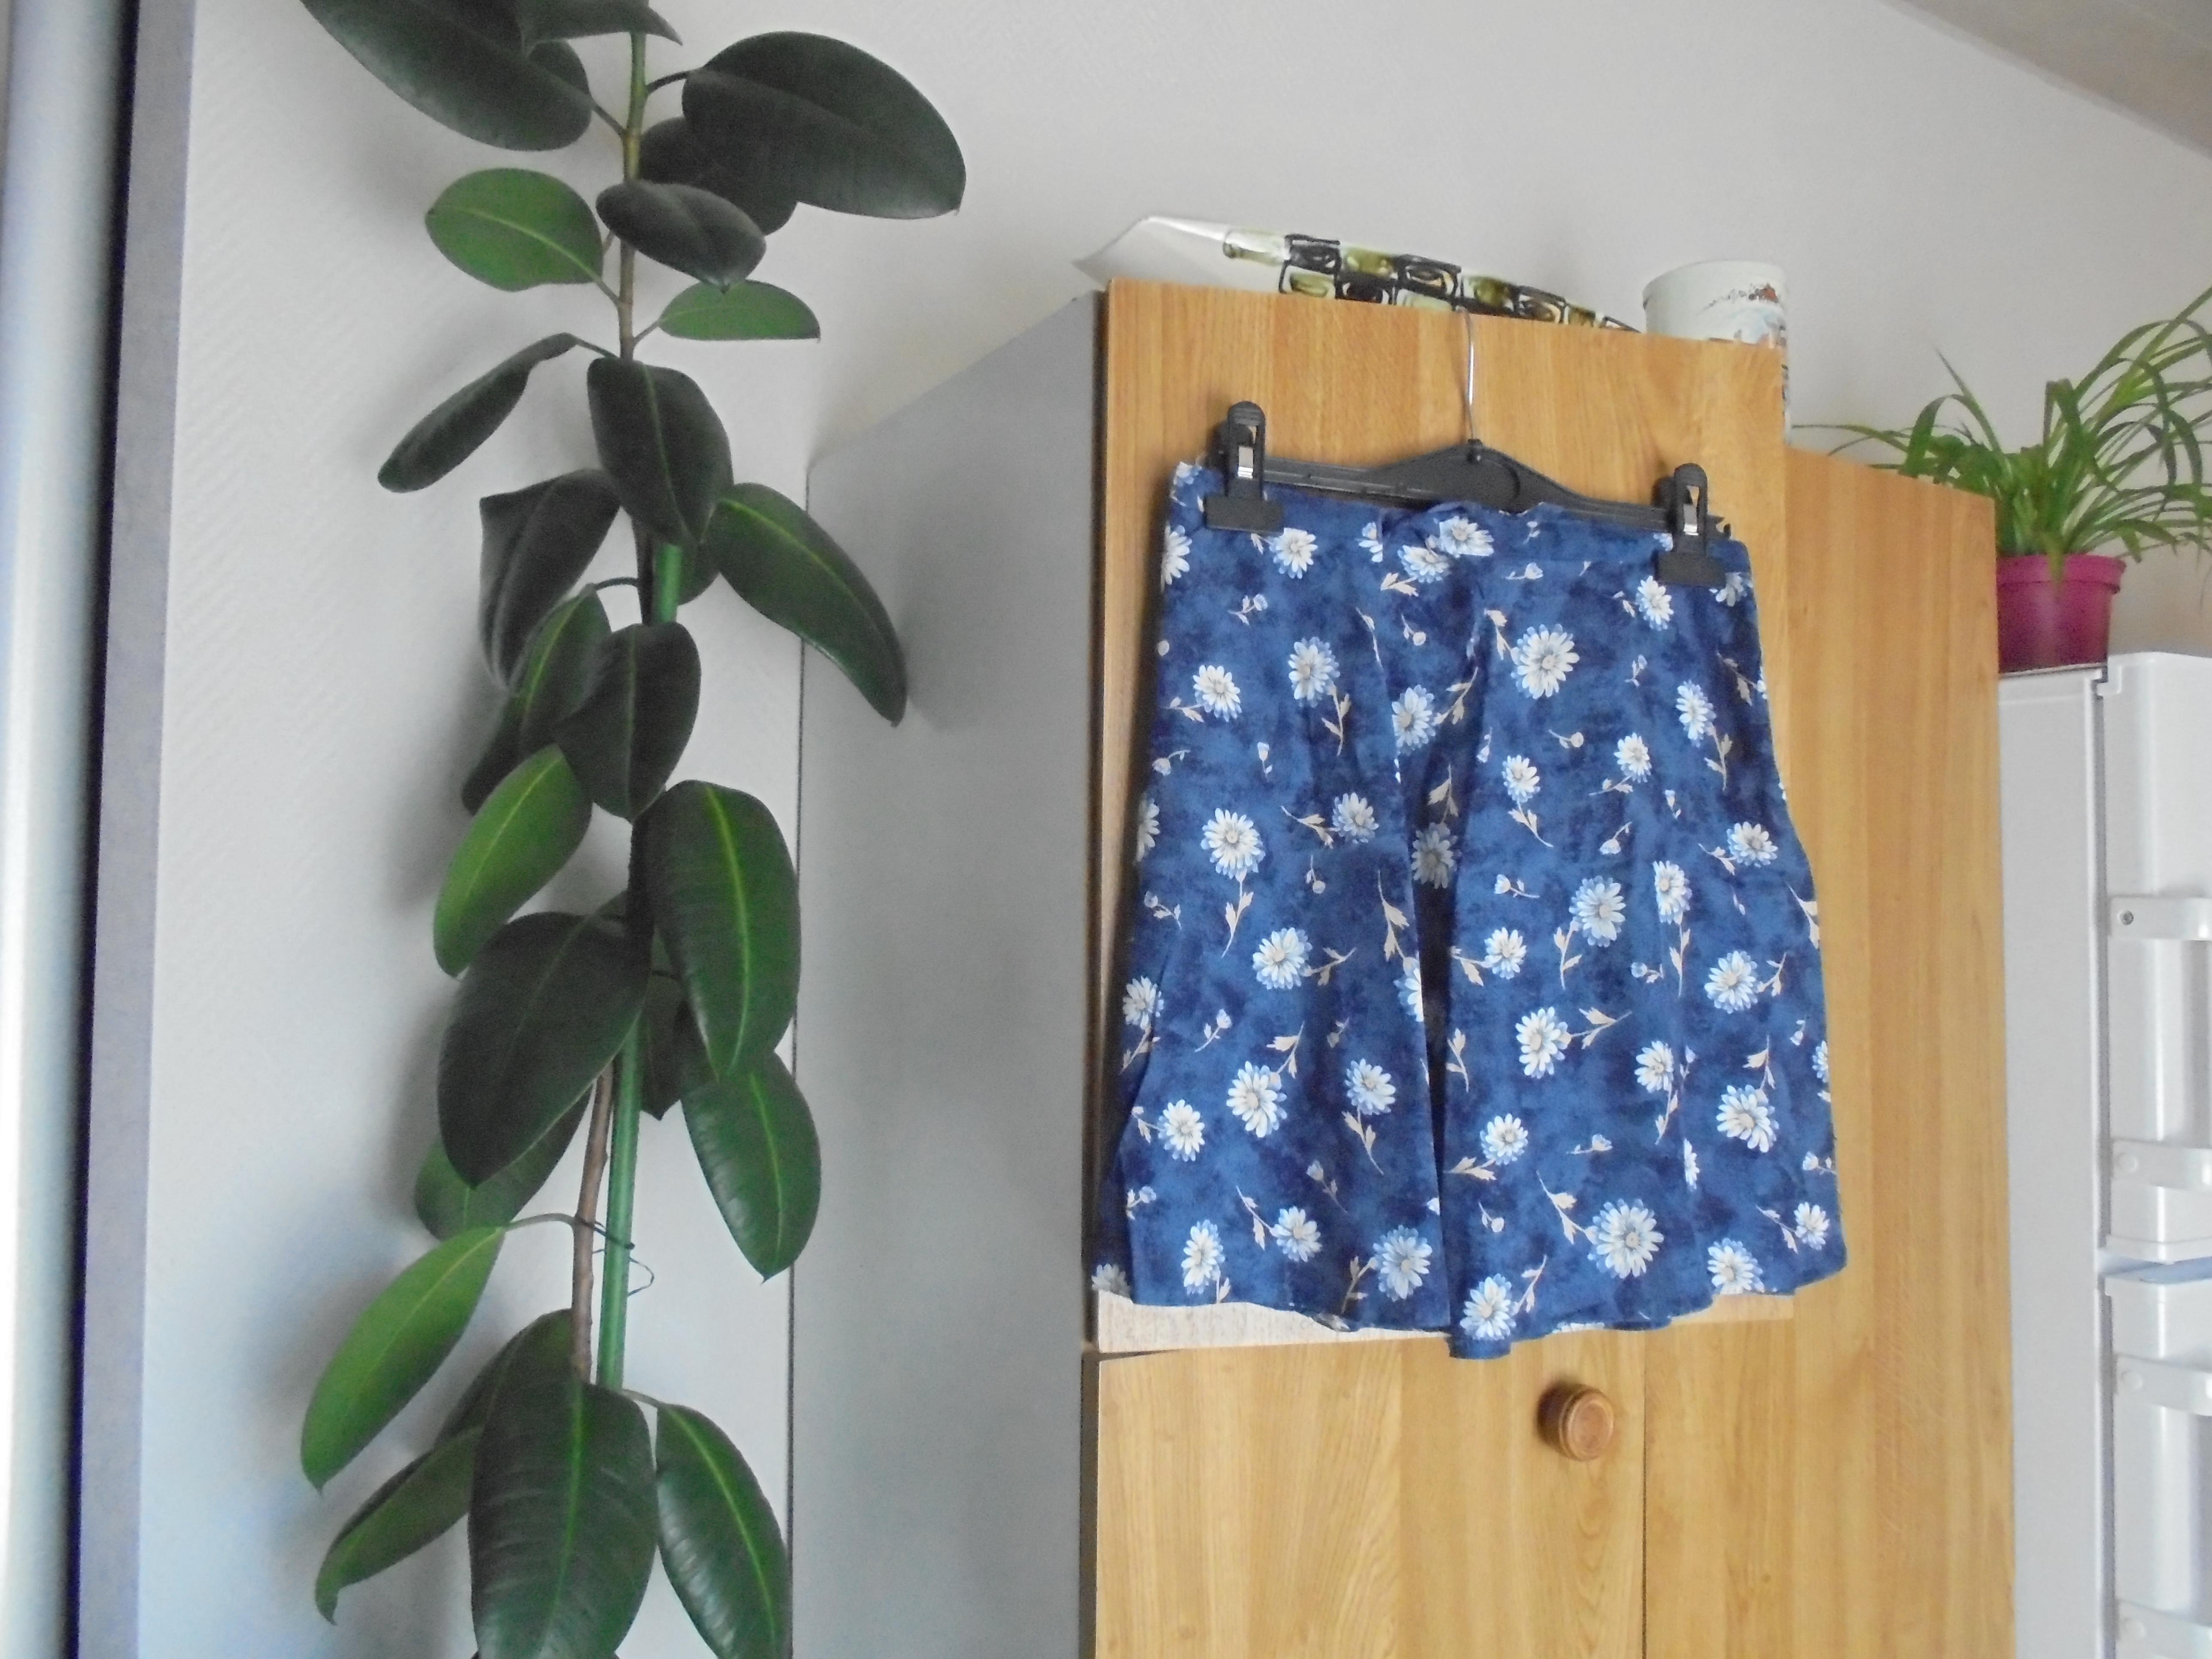 troc de troc jupe courte bleu marine a fleurs blanches taille 34      5  noi image 0